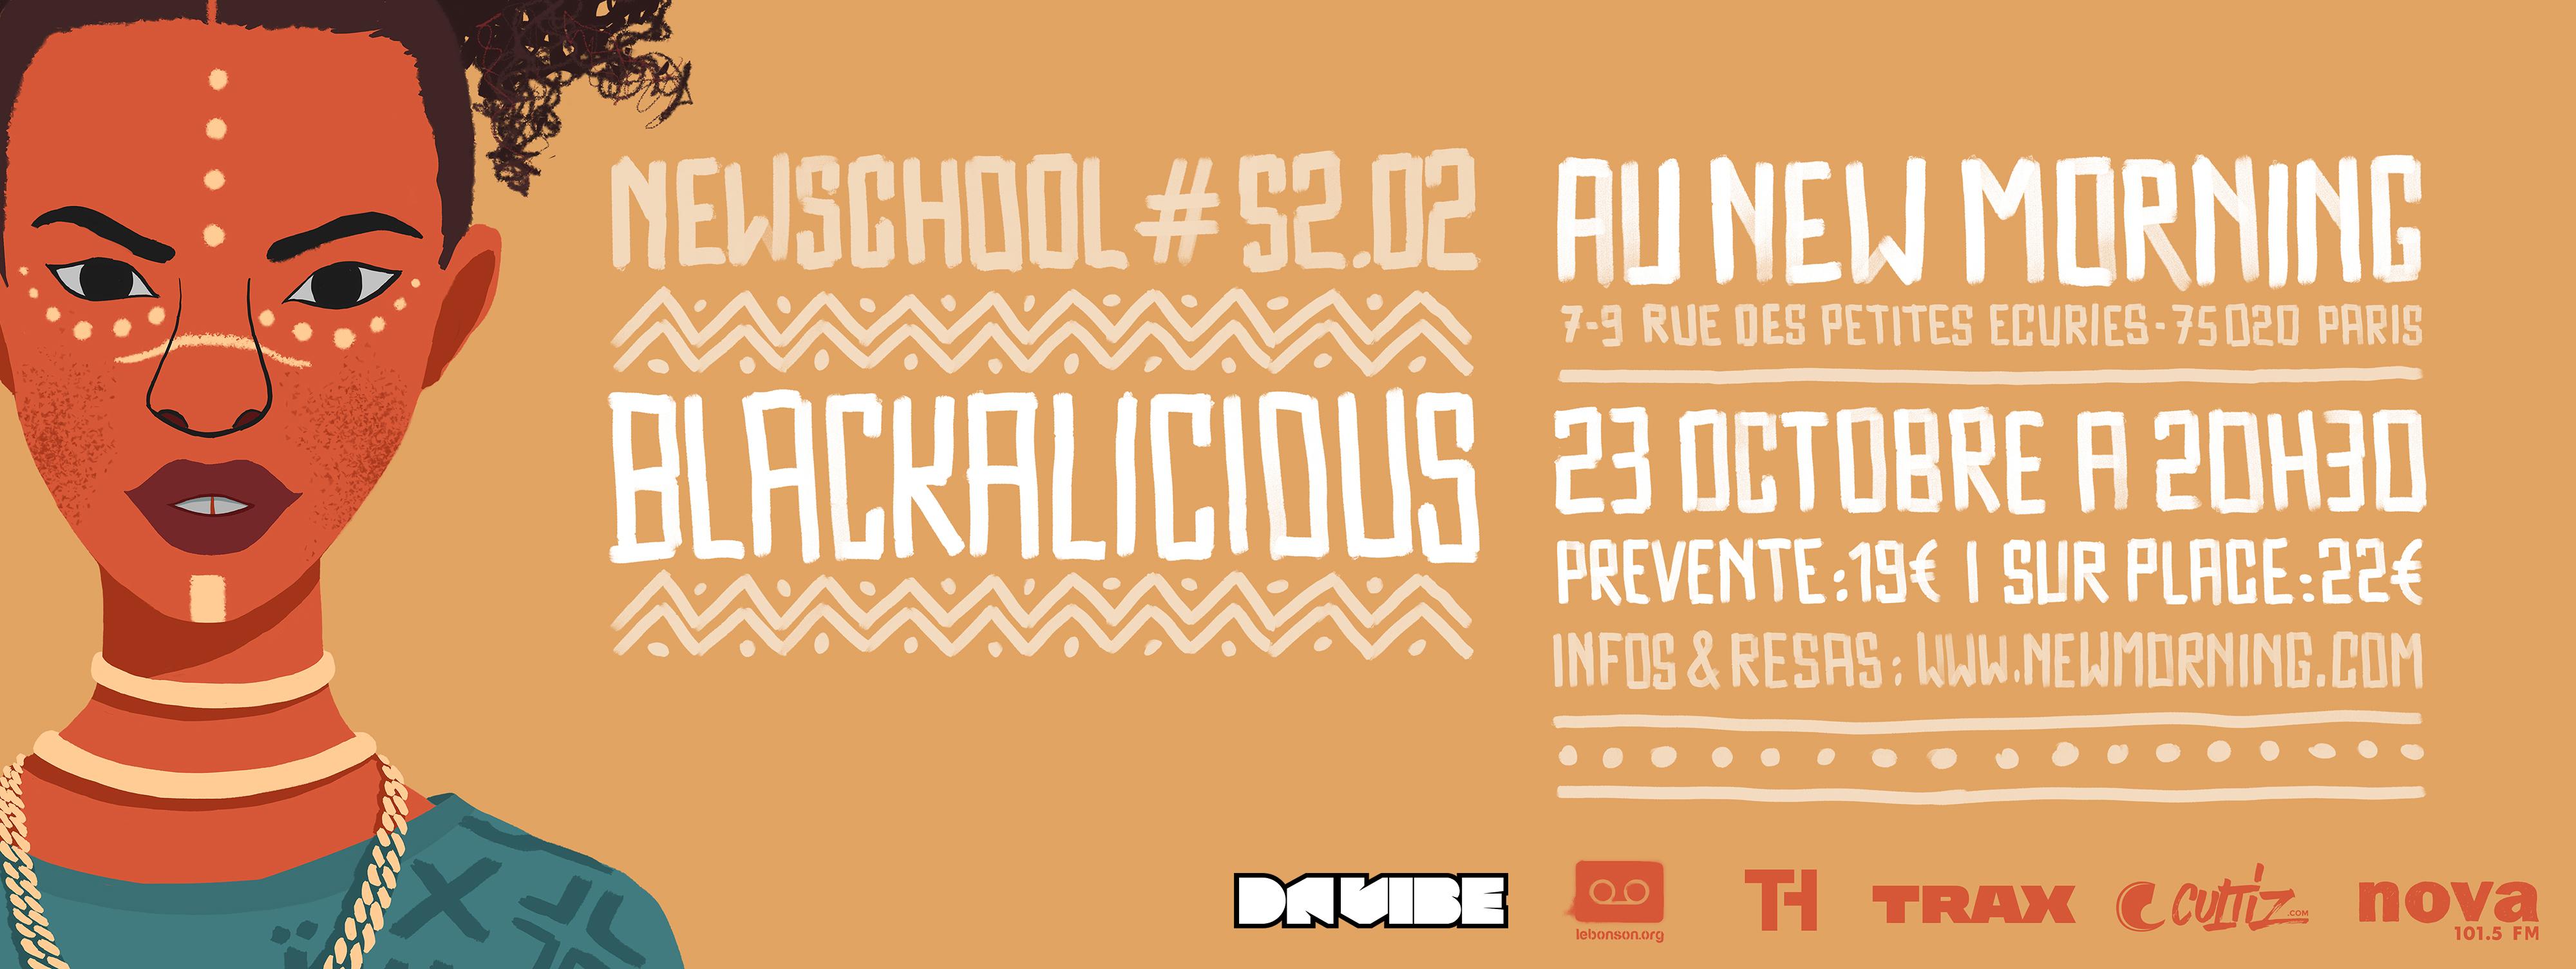 BLACKALICIOUS EN CONCERT A PARIS LE 23.10